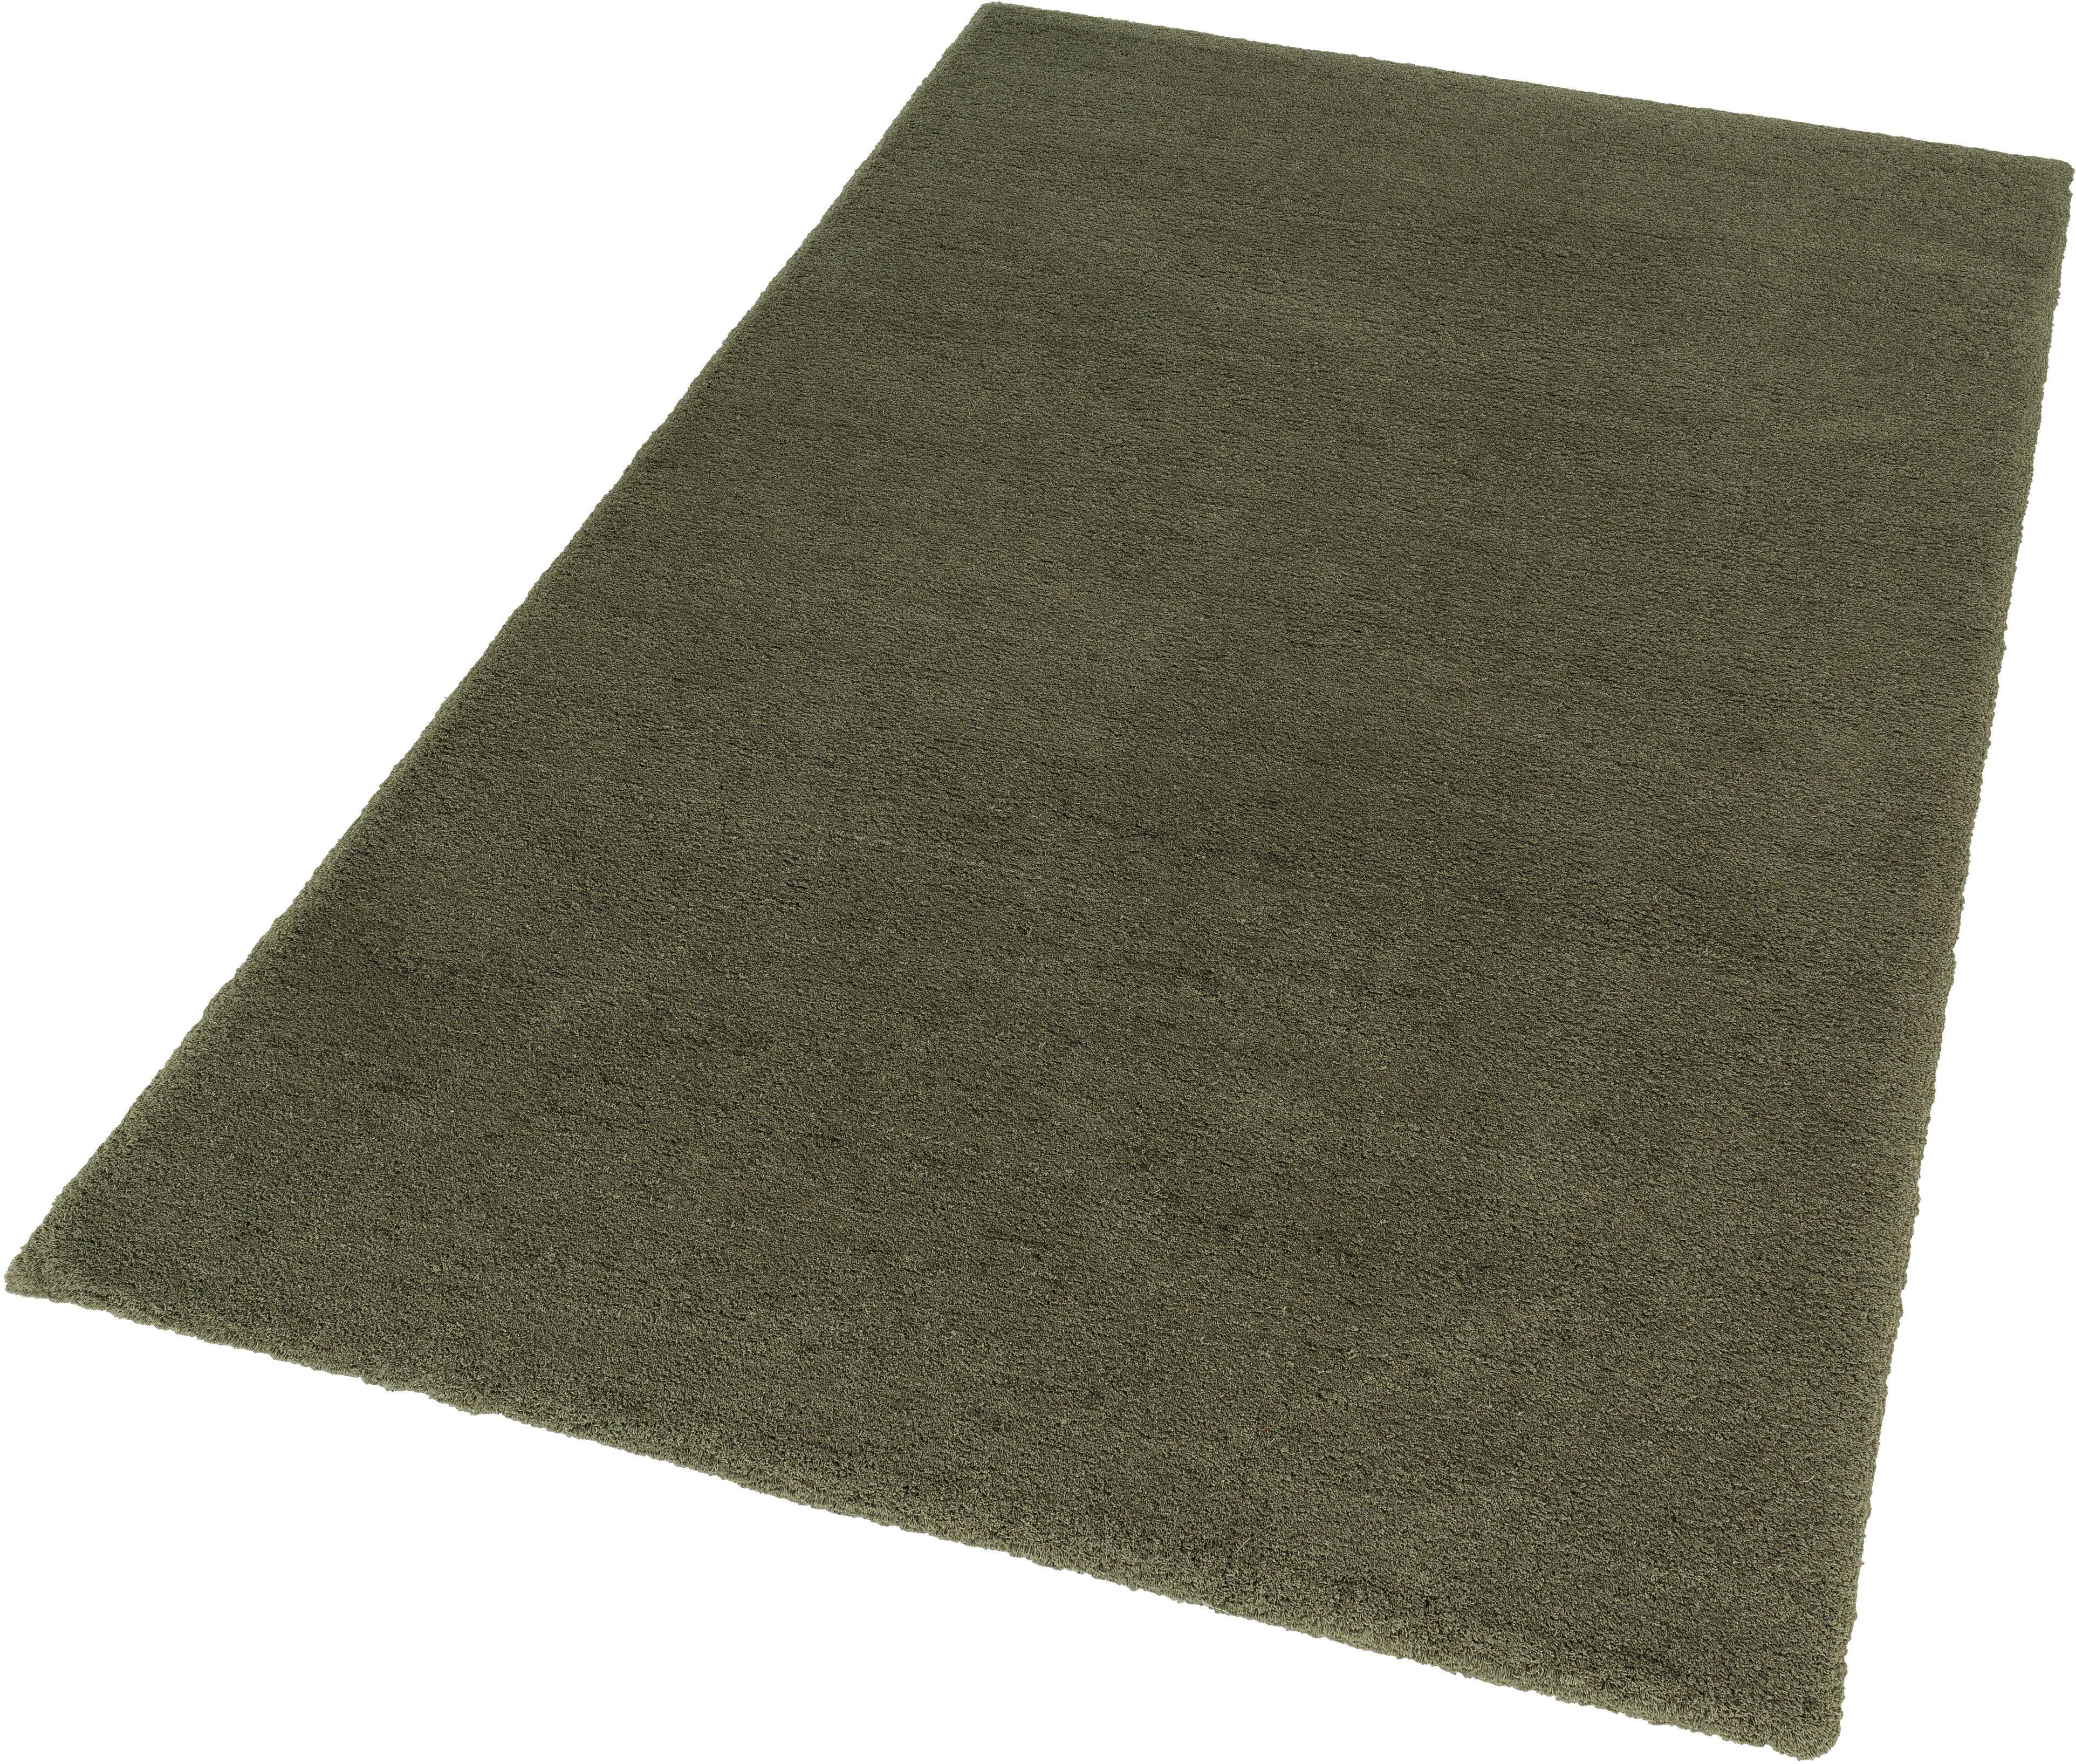 hochflor teppich livorno deluxe astra rechteckig h he 37 mm gr n online kaufen bei woonio. Black Bedroom Furniture Sets. Home Design Ideas